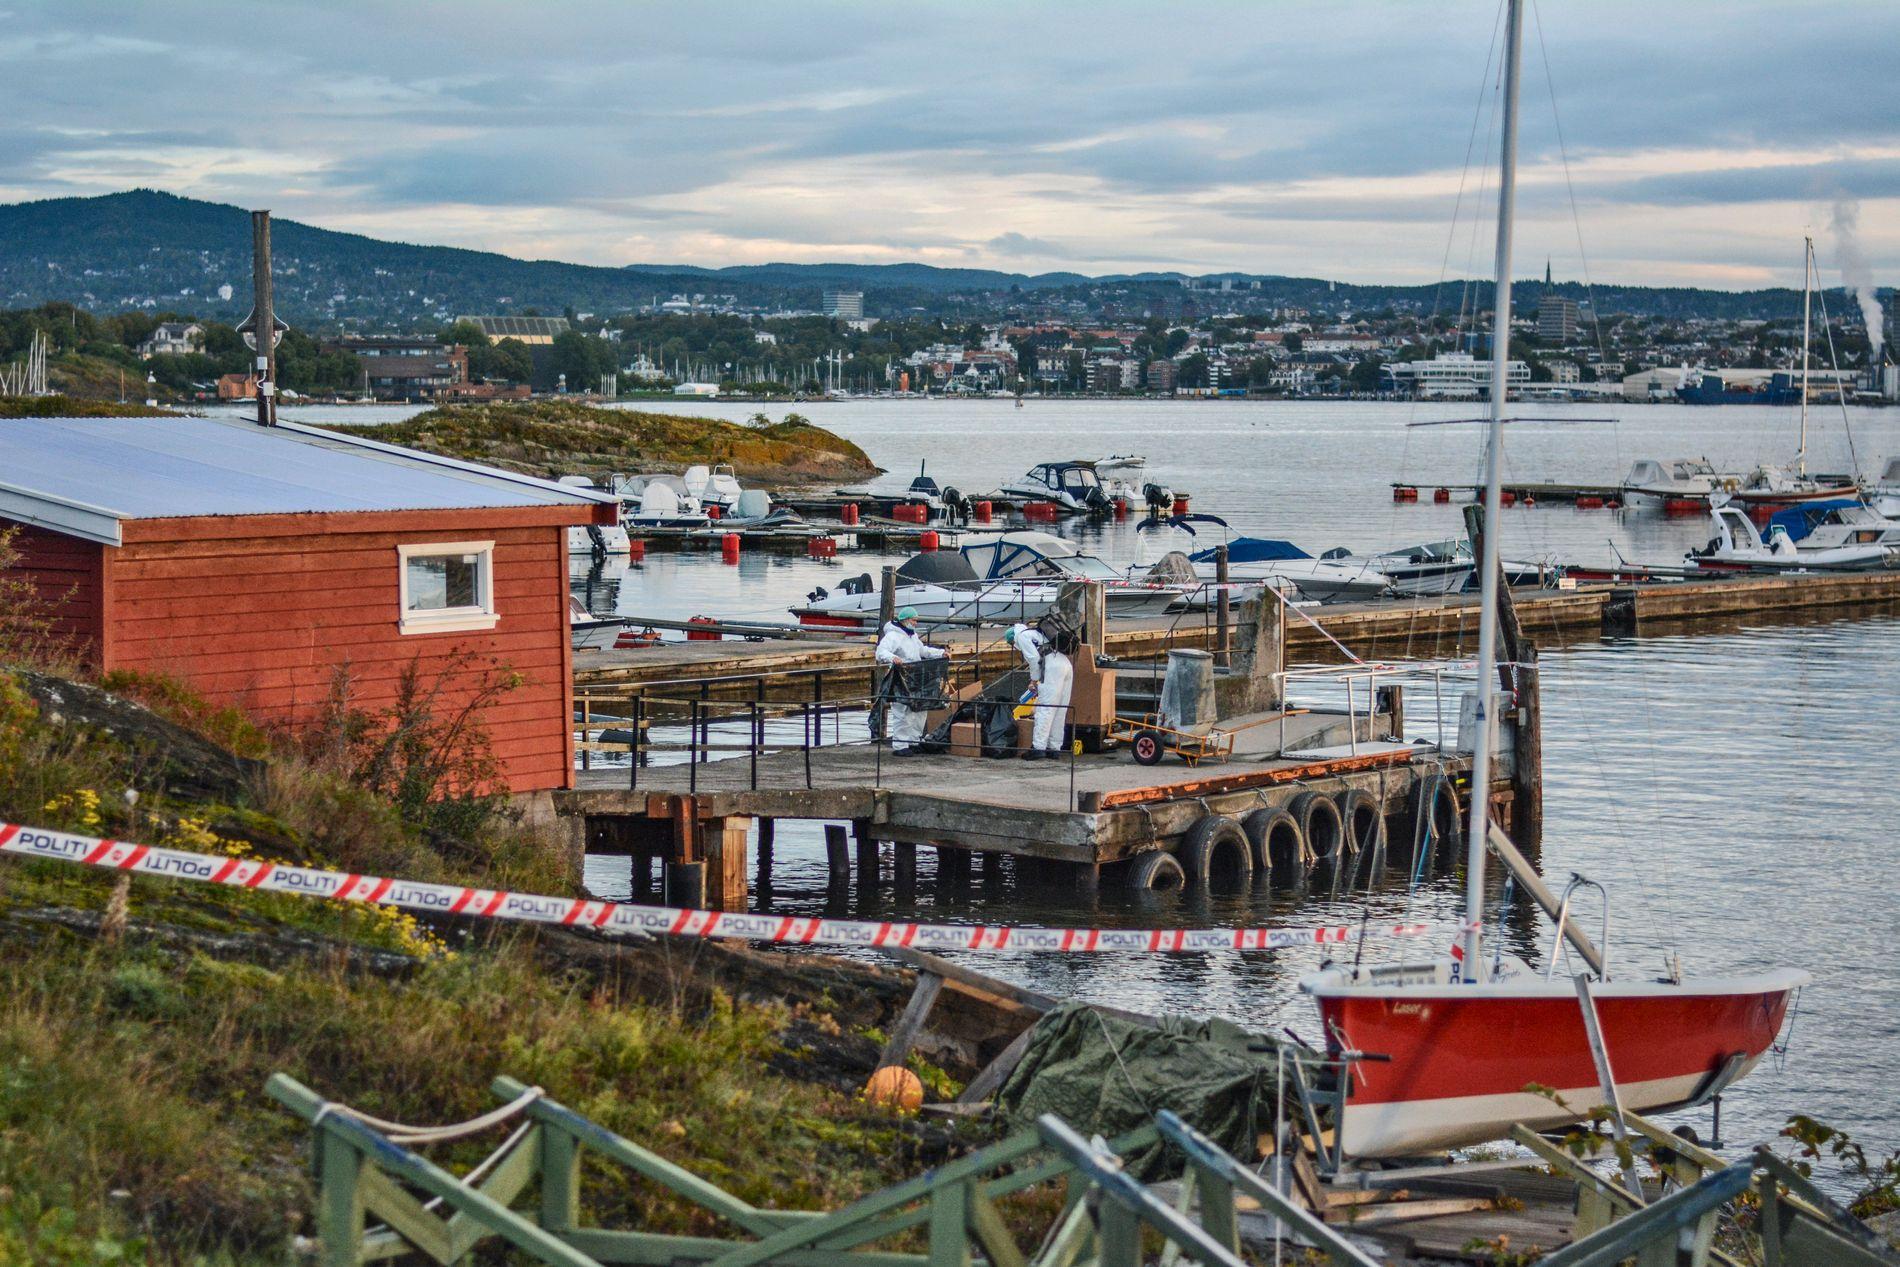 NAKHOLMEN: Det var på Nakholmen i Oslofjorden at drapet fant sted. Her jobber krimteknikere på kaia dagen etter drapet, hvor man også kan se en søppeldunk med blod på.